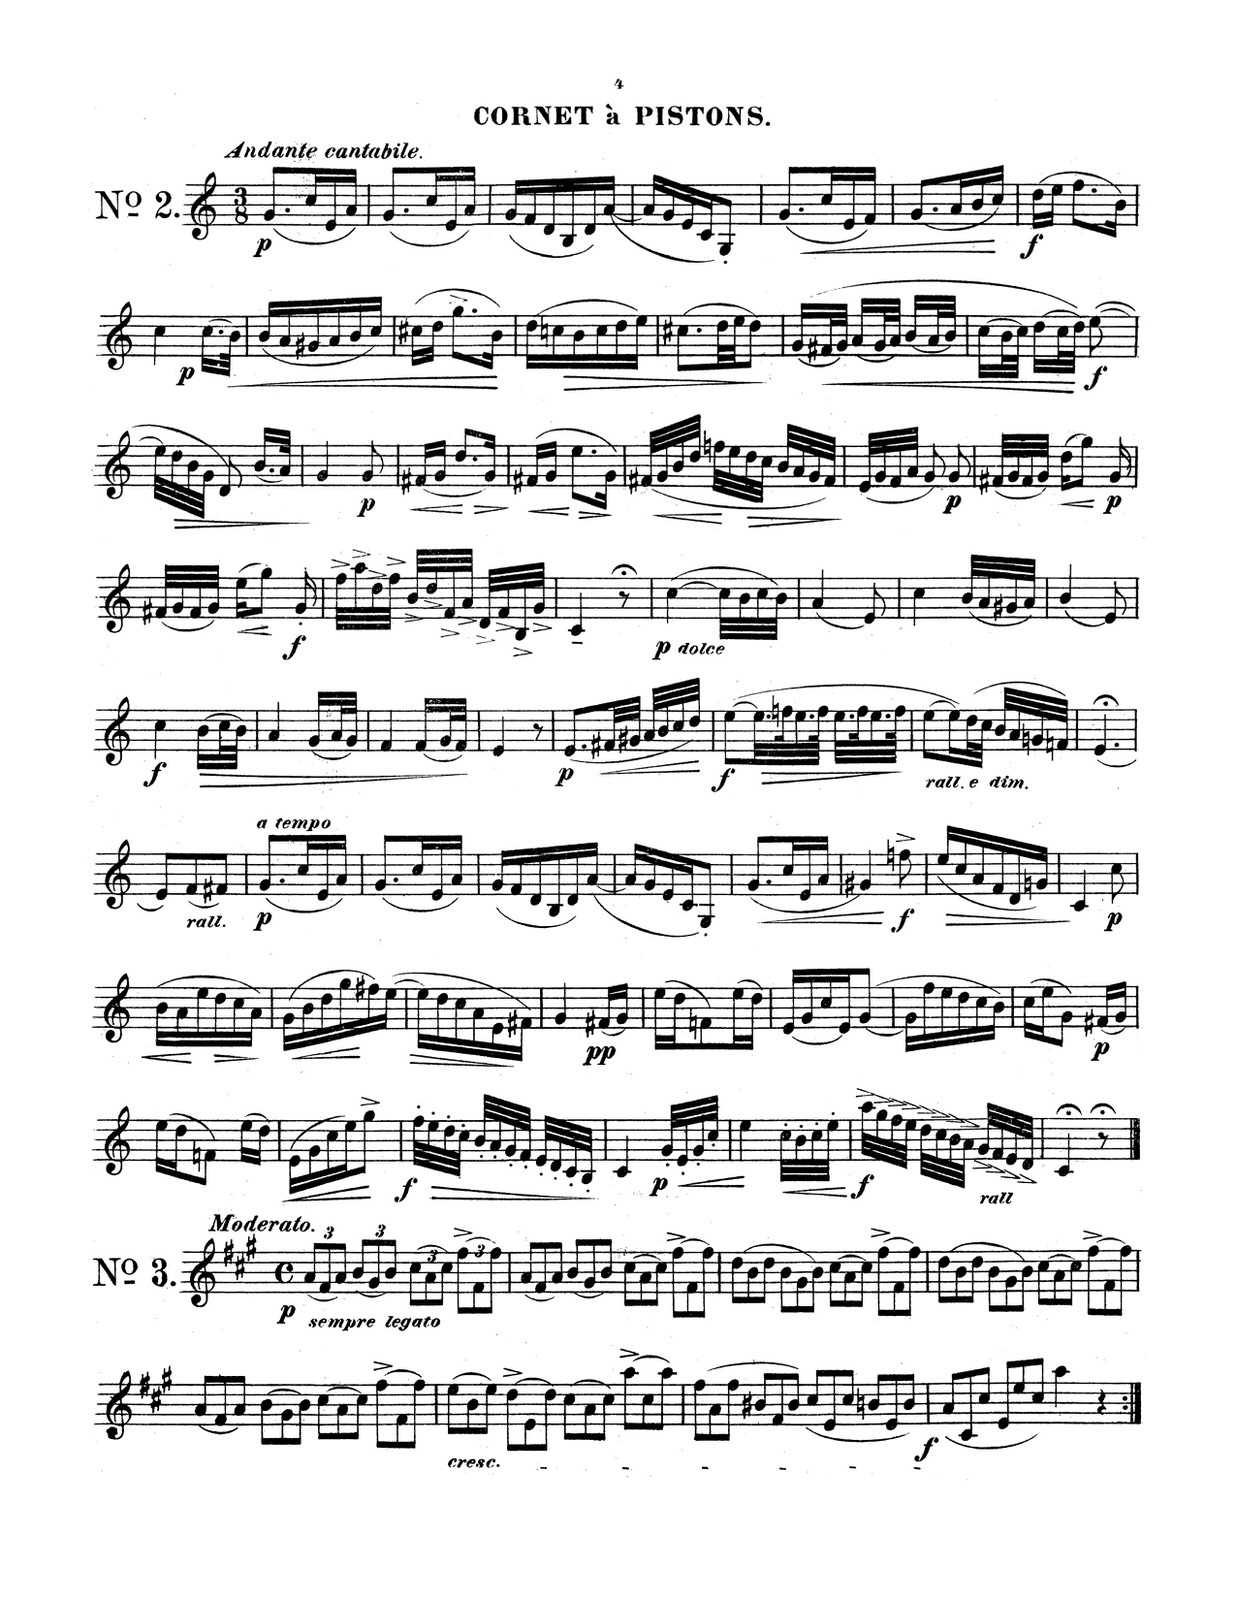 Pietzsch, 16 Medium Sized Studies-p04